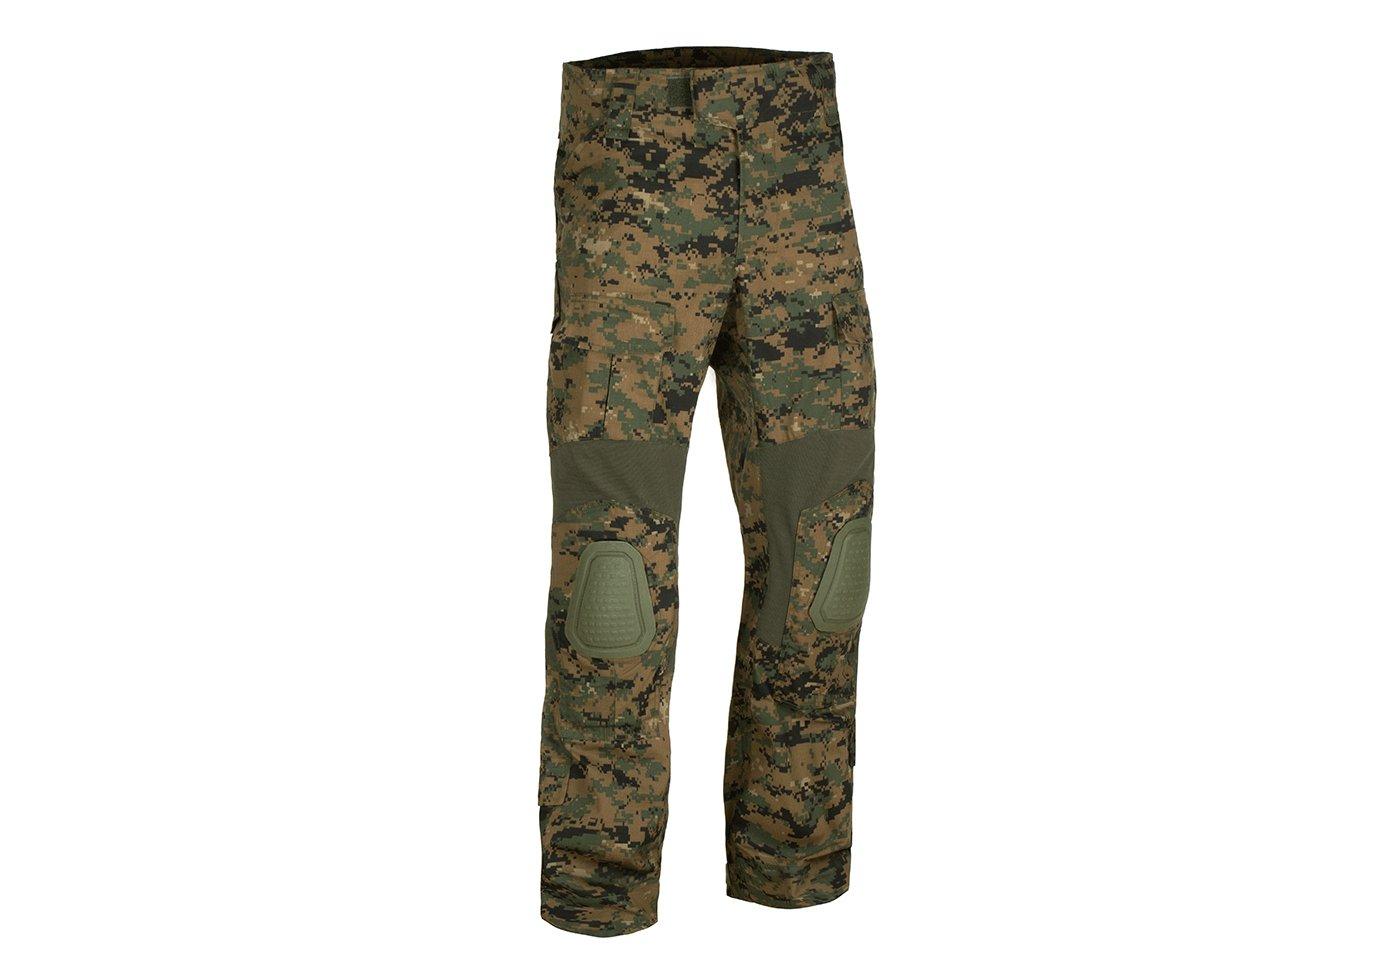 Invader Gear Predator Combat Pants Trousers Marpat Digital Woodland